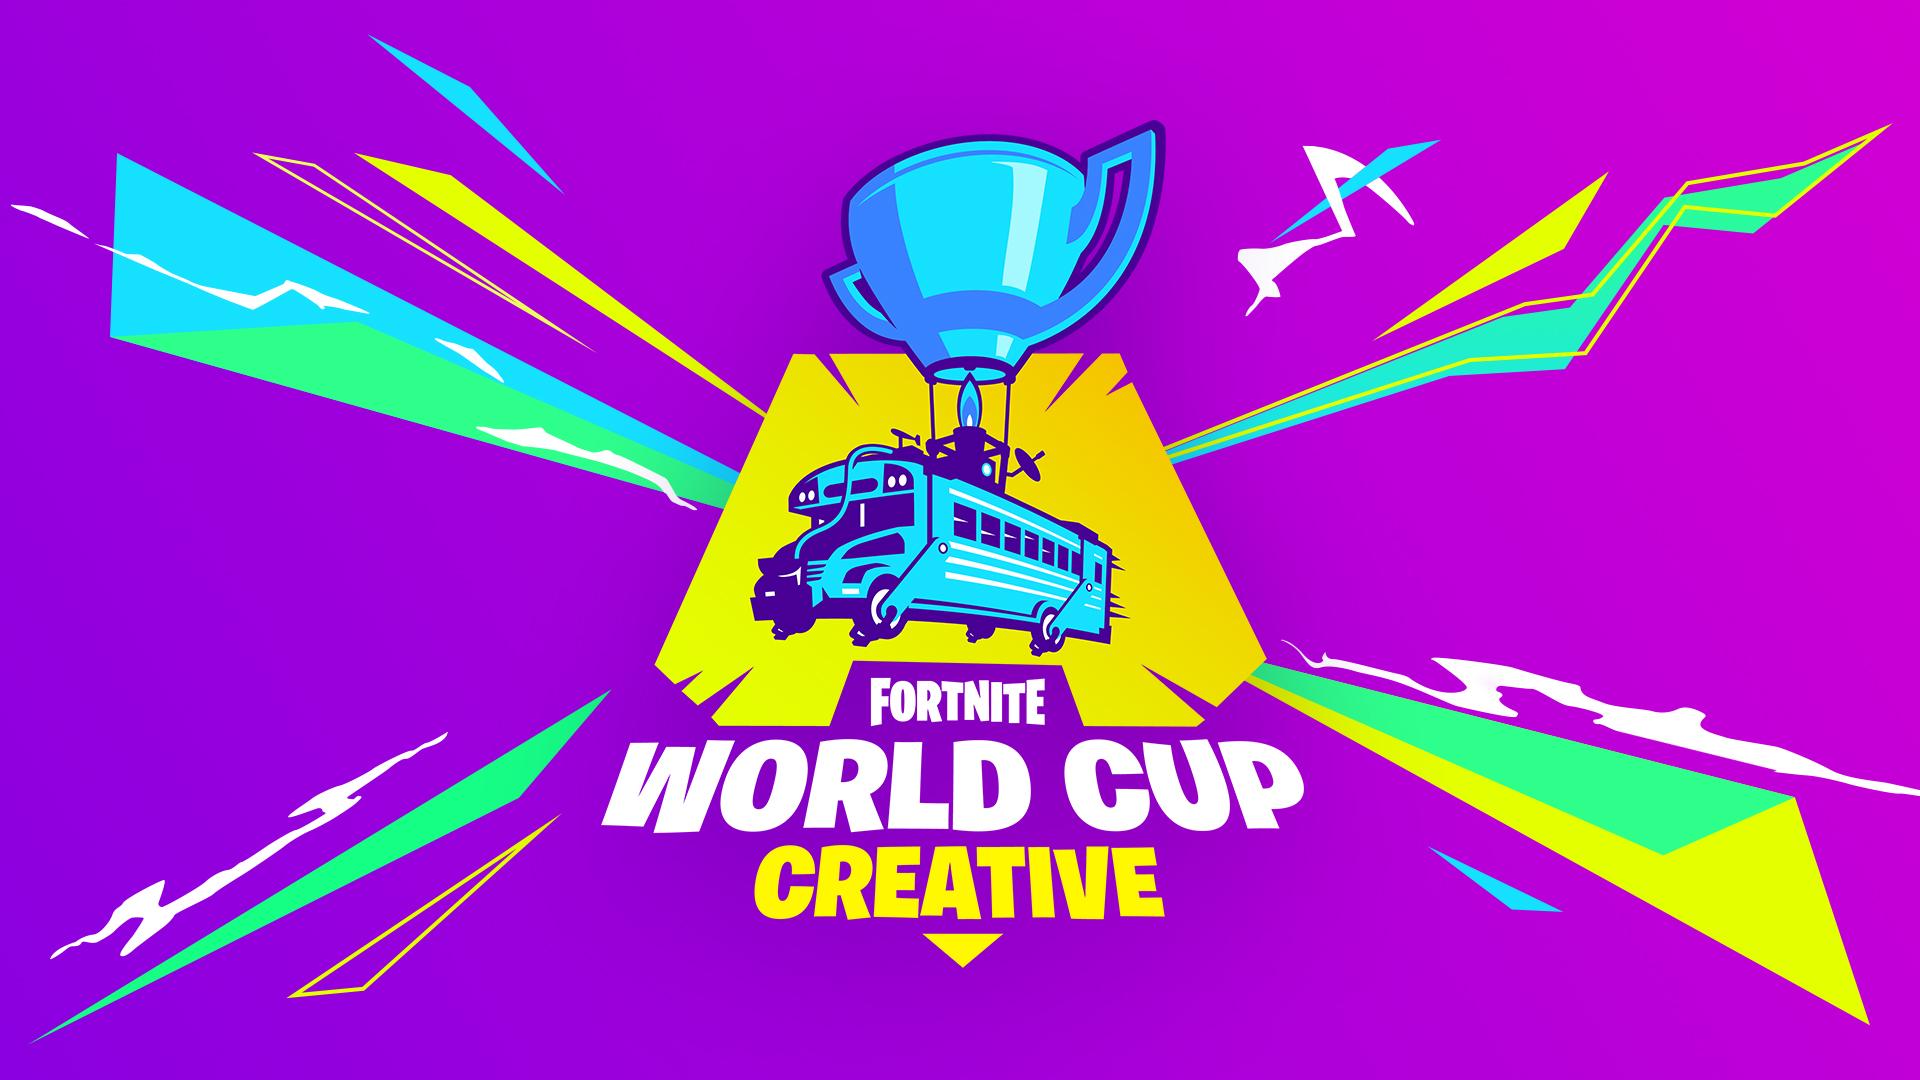 Fortnite World Cup Creative